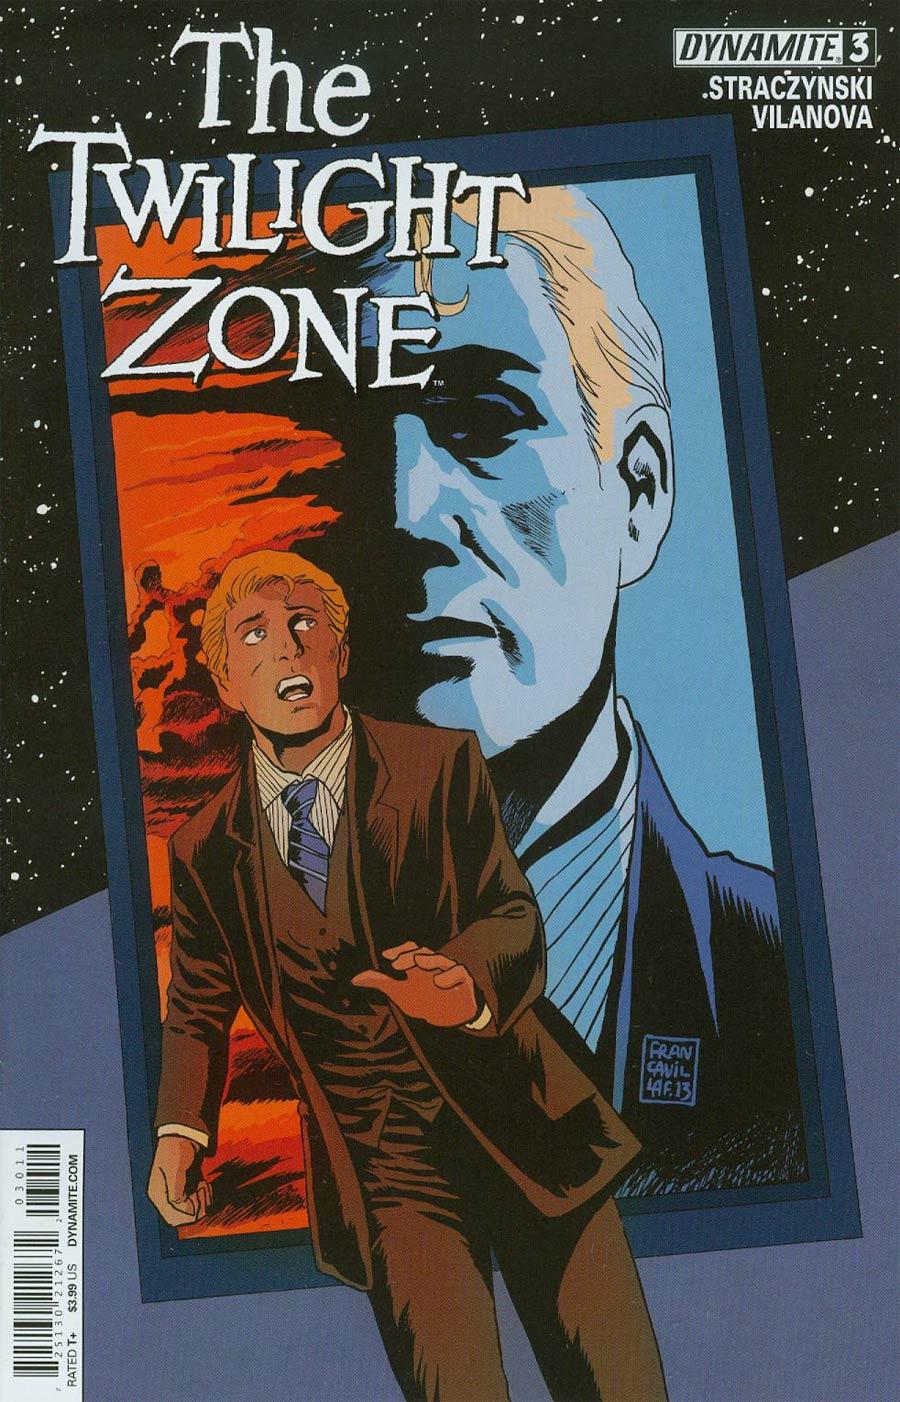 Twilight Zone Vol 5 #3 Cover A Regular Francesco Francavilla Cover